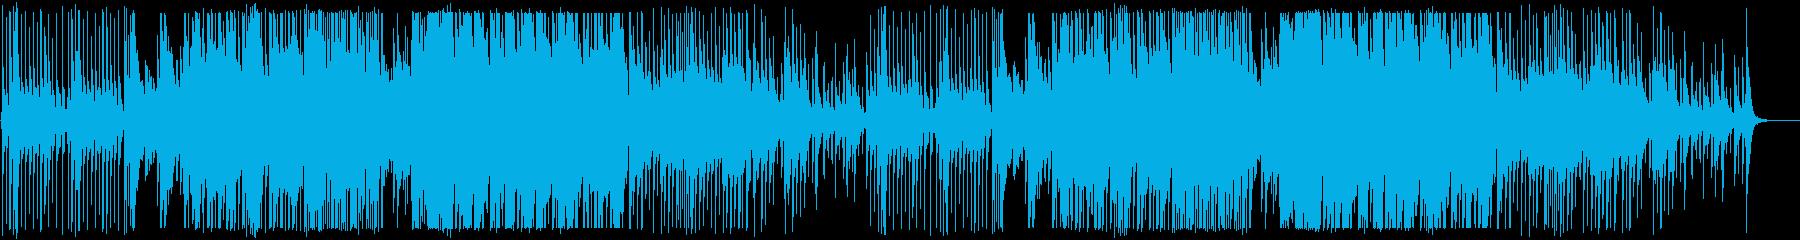 三味線と和太鼓かっこいい和風/掛け声なしの再生済みの波形